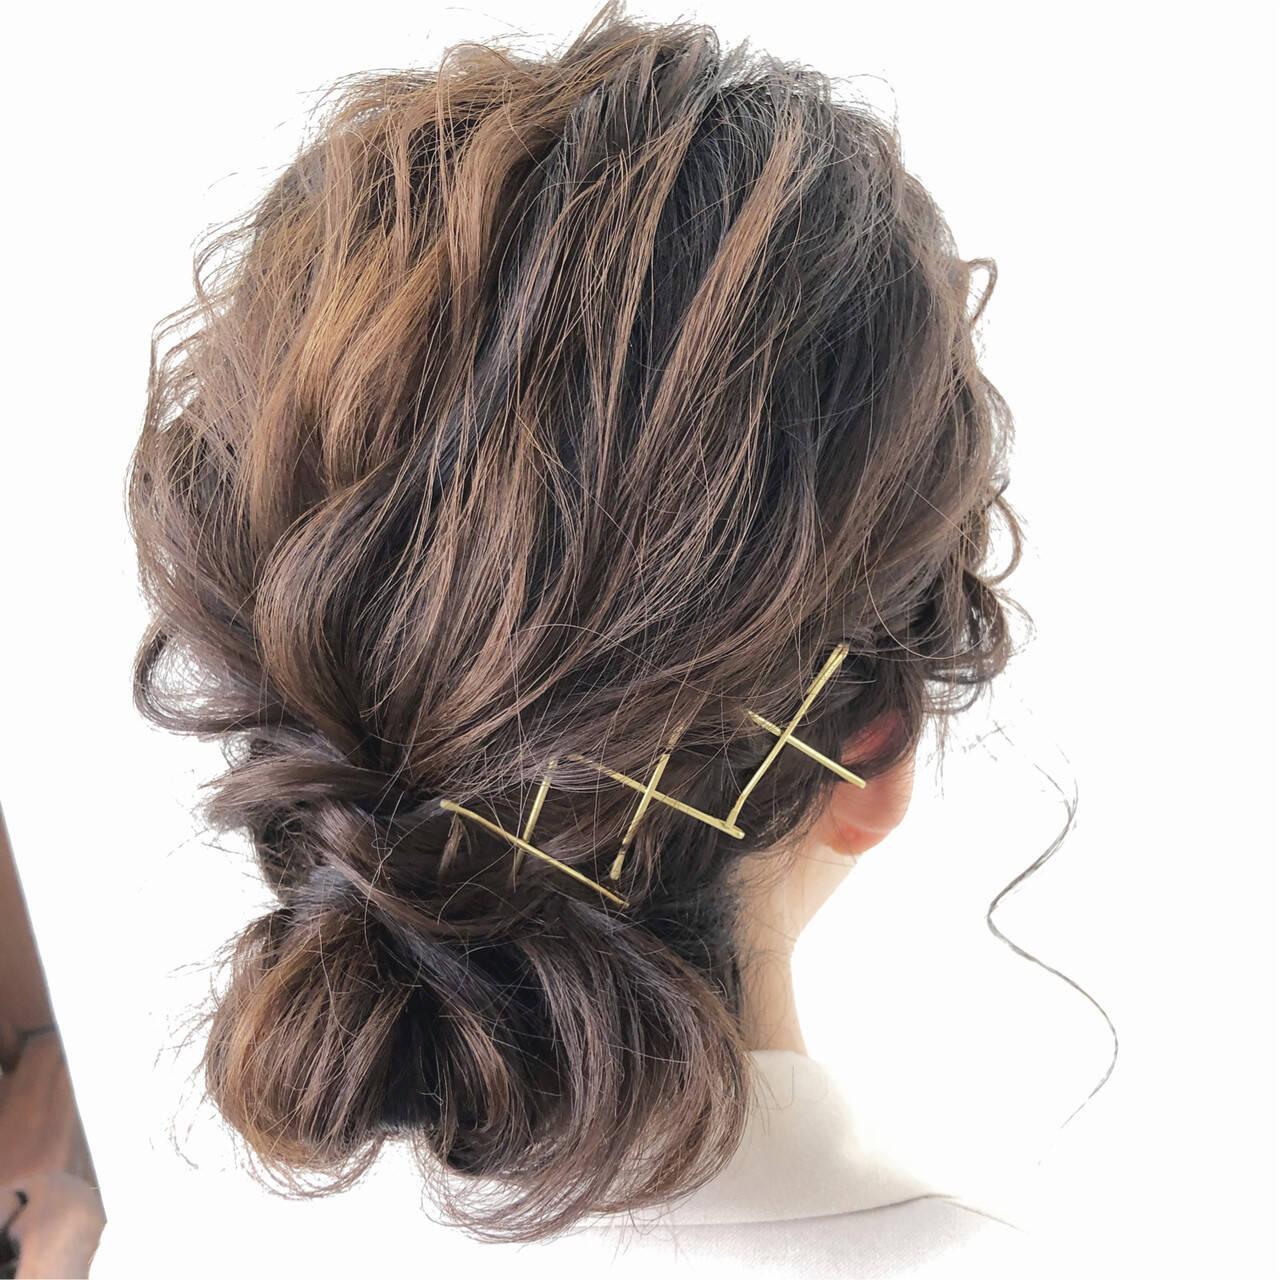 ルーズ アンニュイほつれヘア 結婚式 フェミニンヘアスタイルや髪型の写真・画像